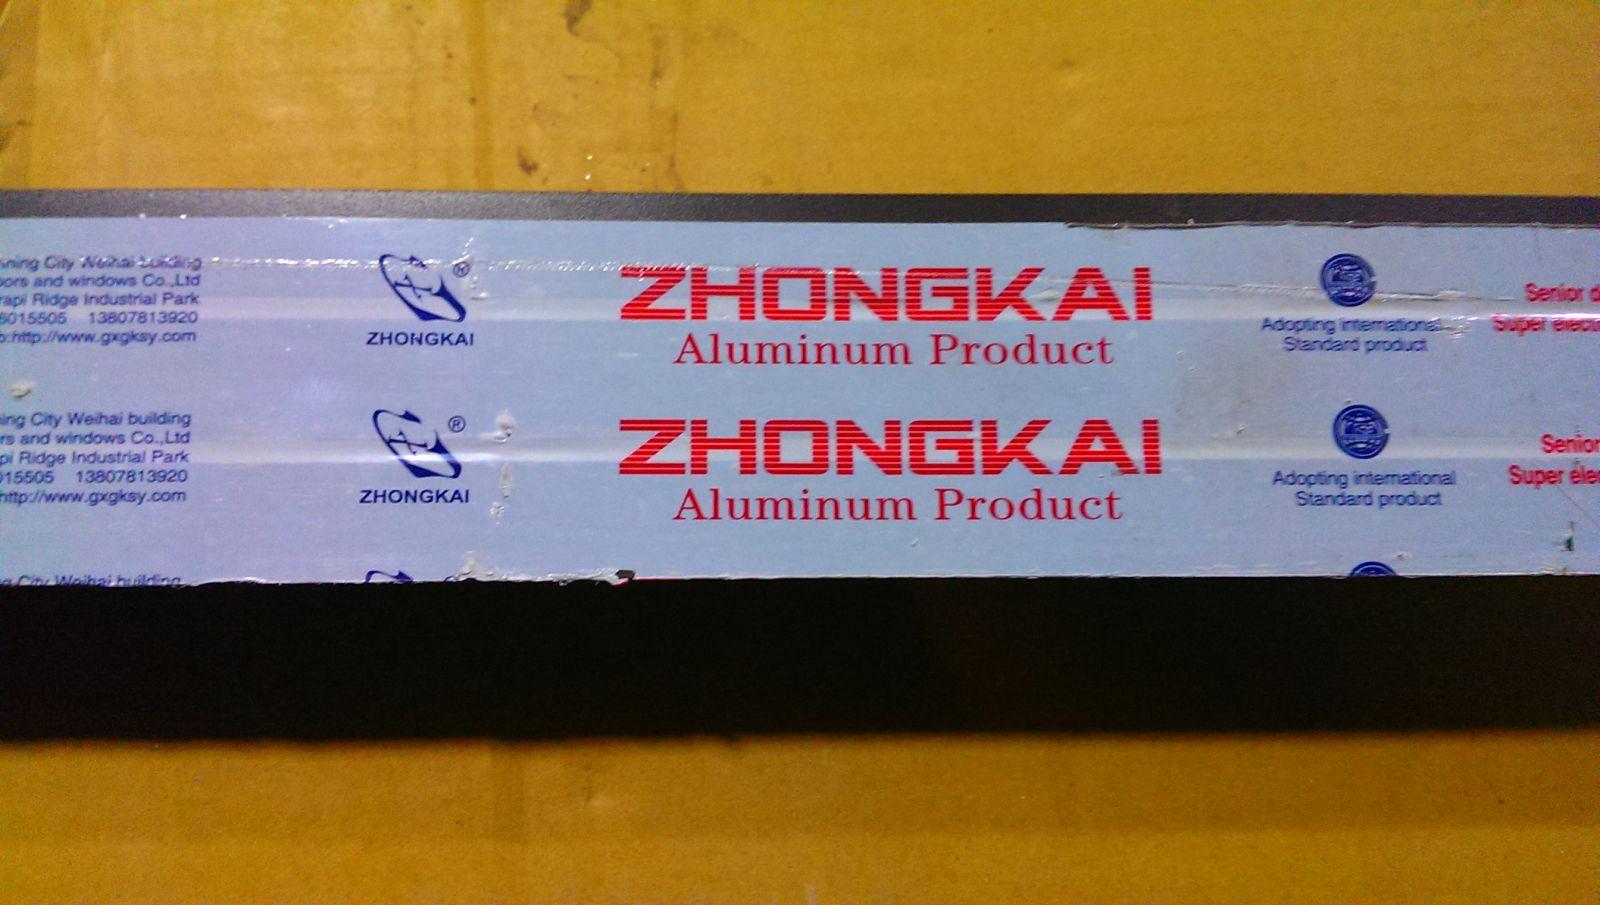 bo-cua-nhom-mo-truot-quay-zhongkai-chat-luong-gia-tot